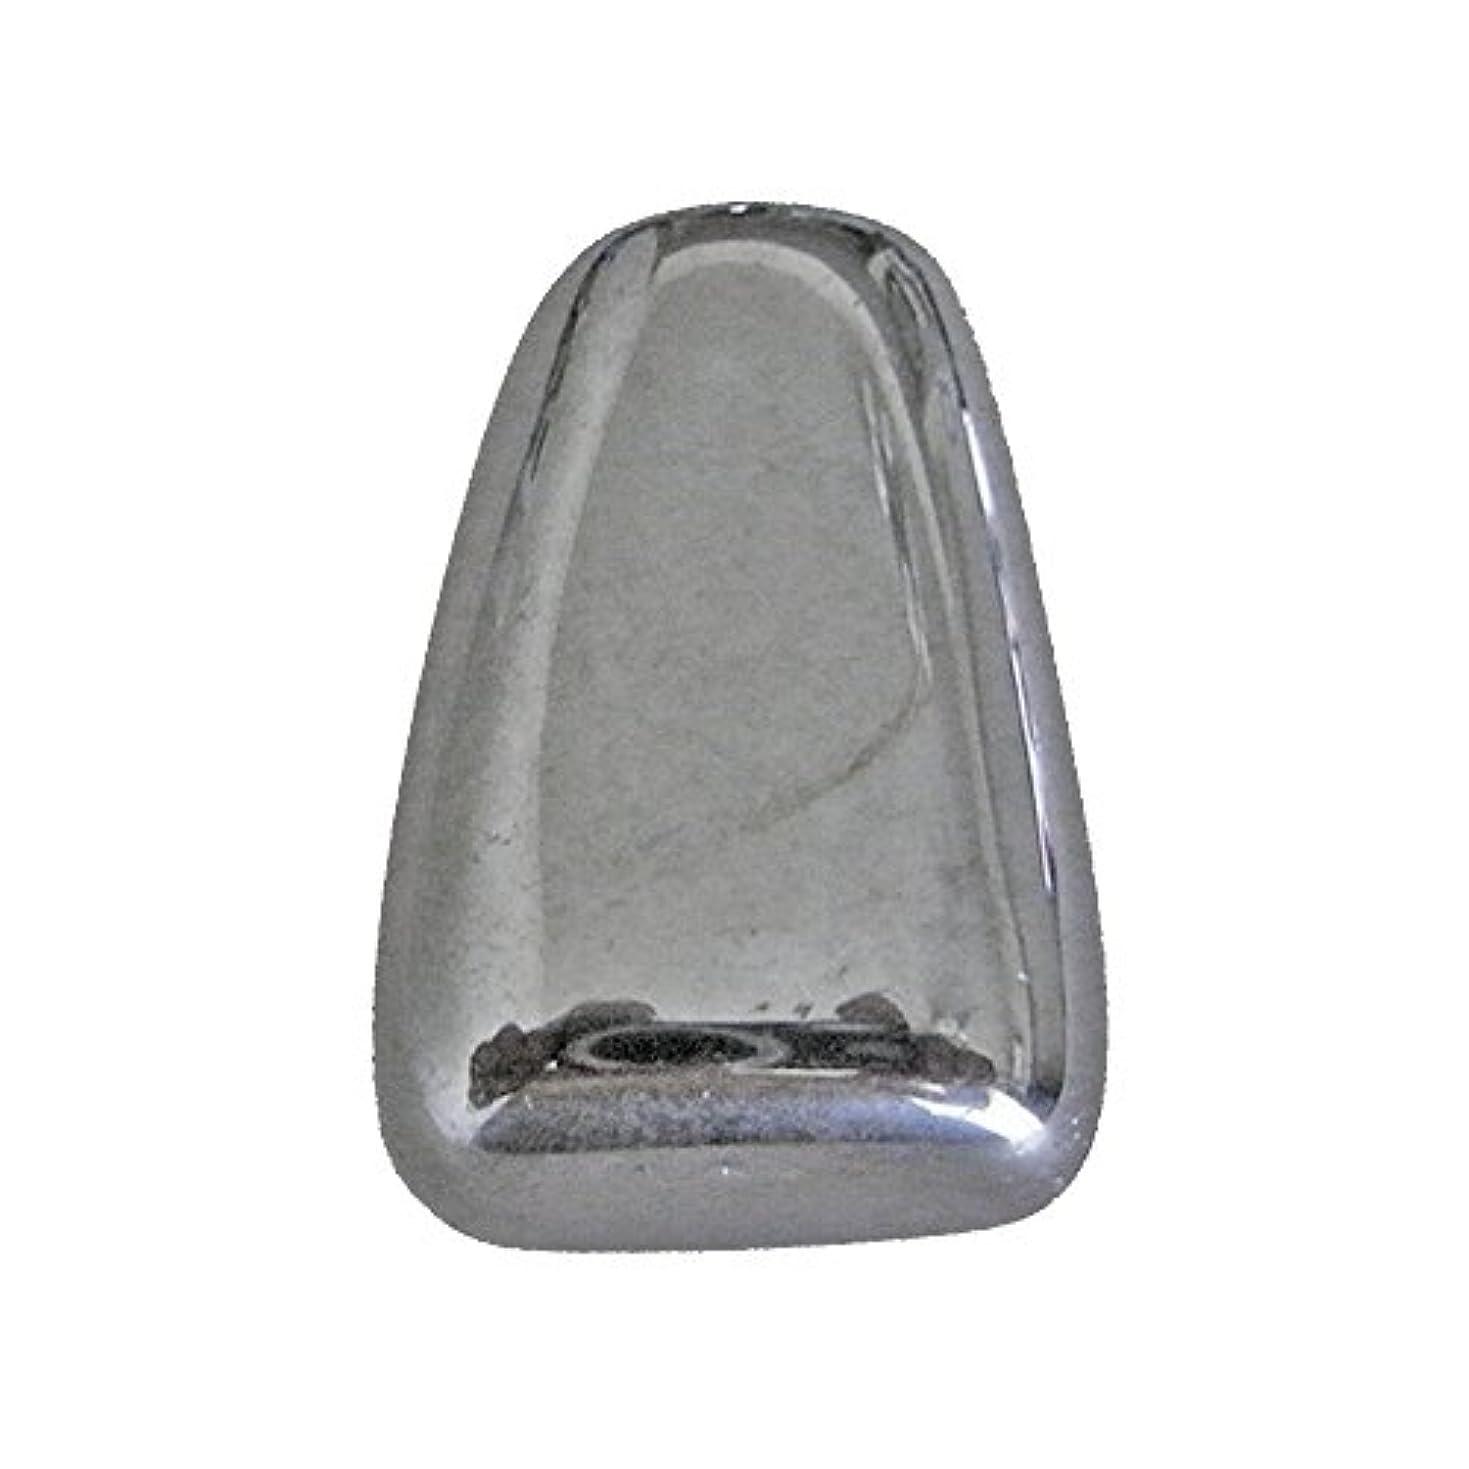 後退する残忍な排気Natural Pure ドクターノバリア テラヘルツ ソニックストーン1個用 リフトアップ&小顔対応 50~55g前後本物の証